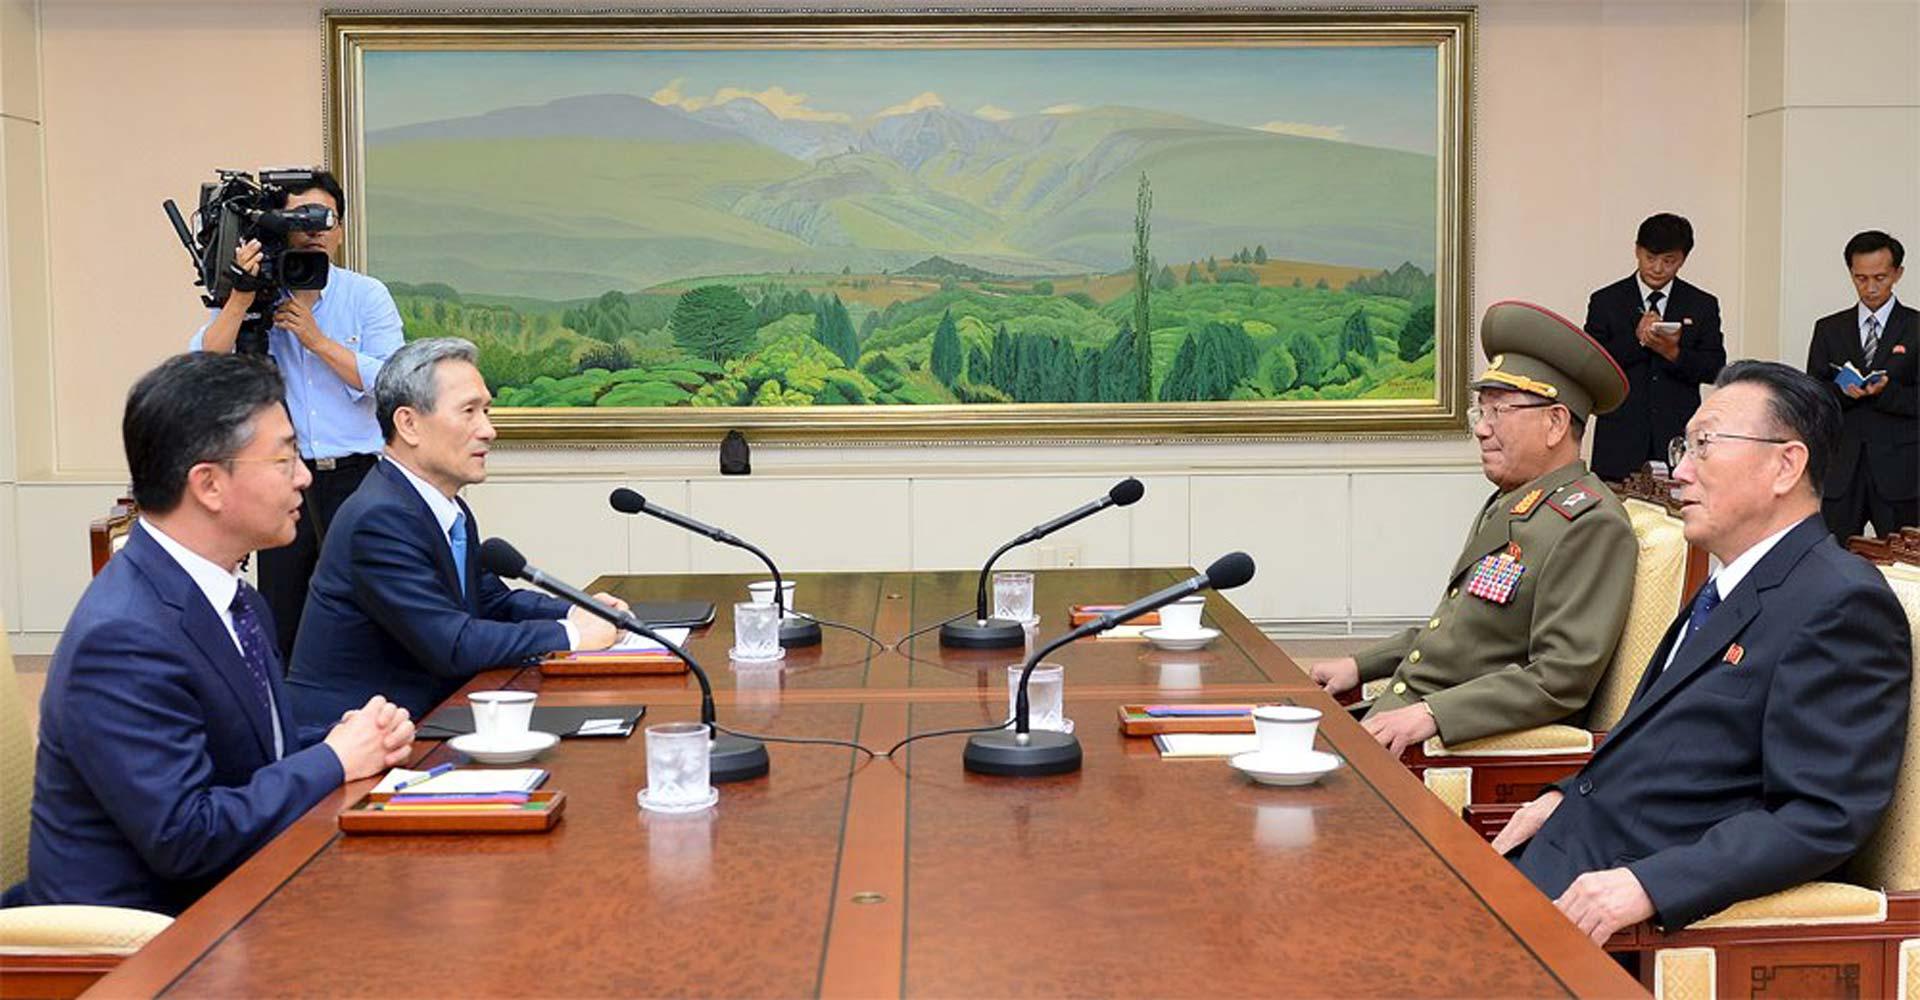 Representantes de ambos países buscan evitar un conflicto armado